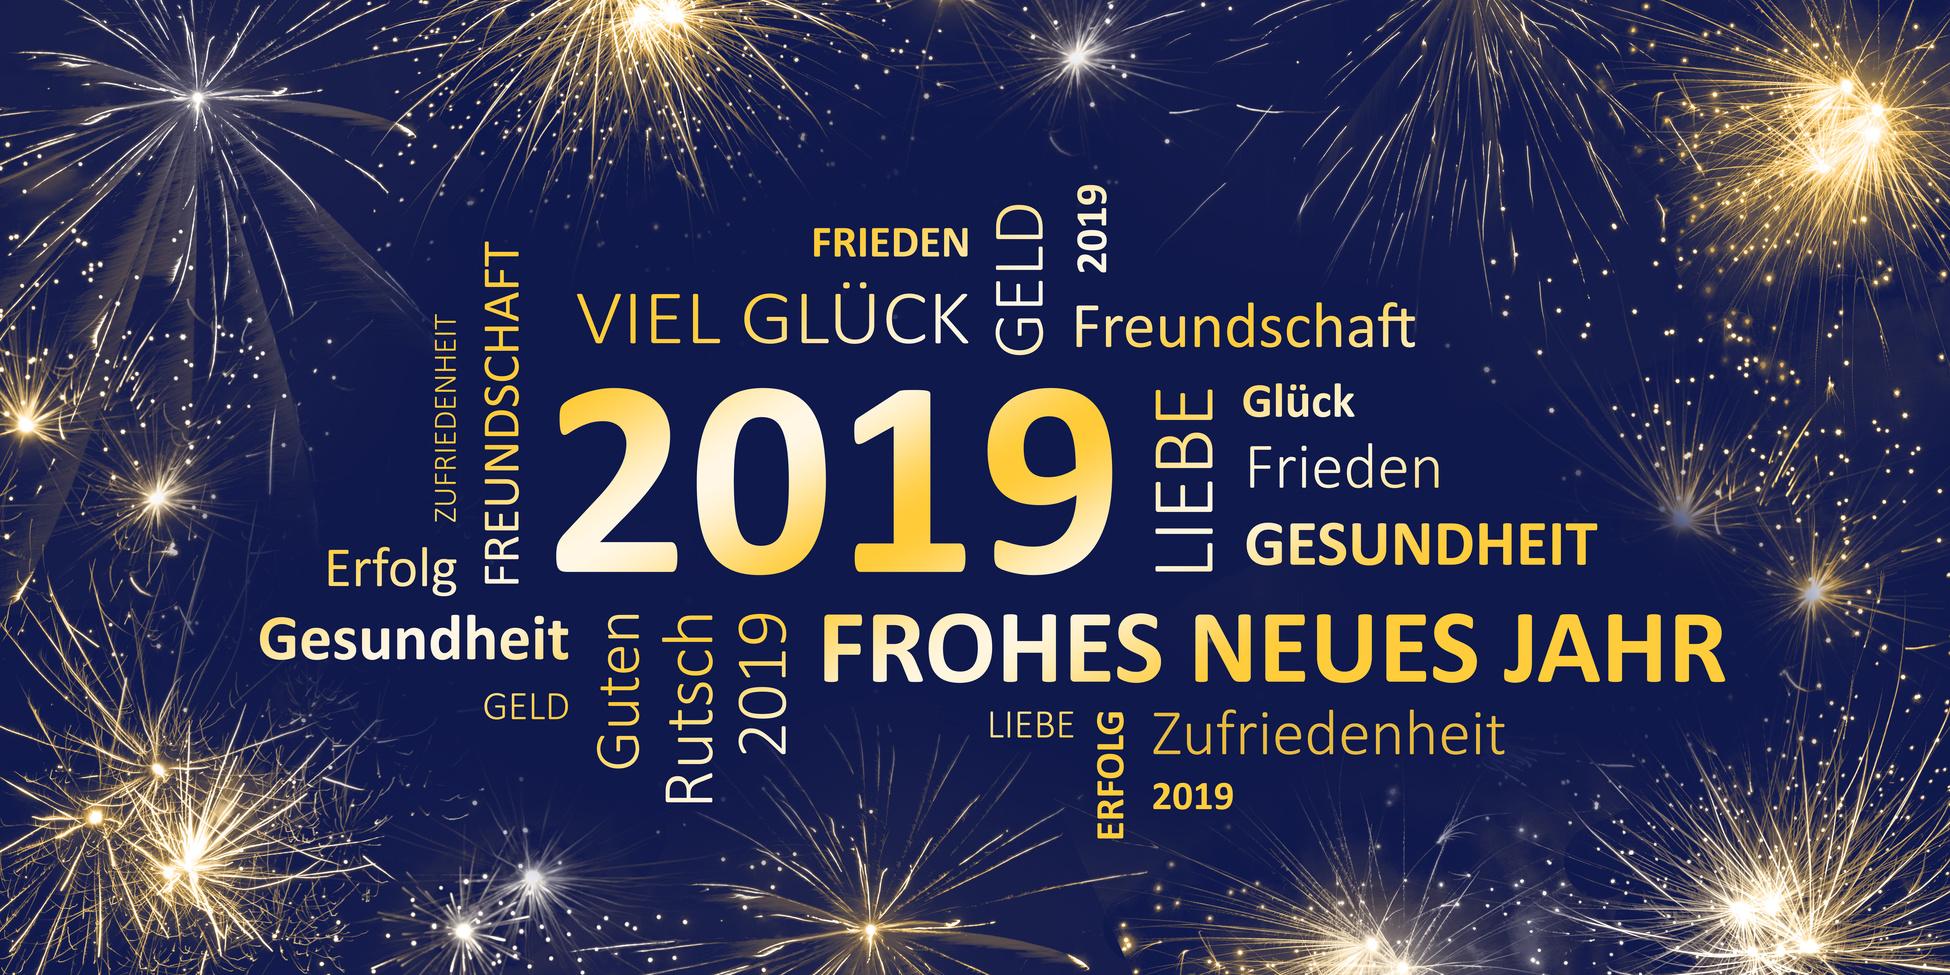 Bildergebnis für weihnachten und neujahr 2019